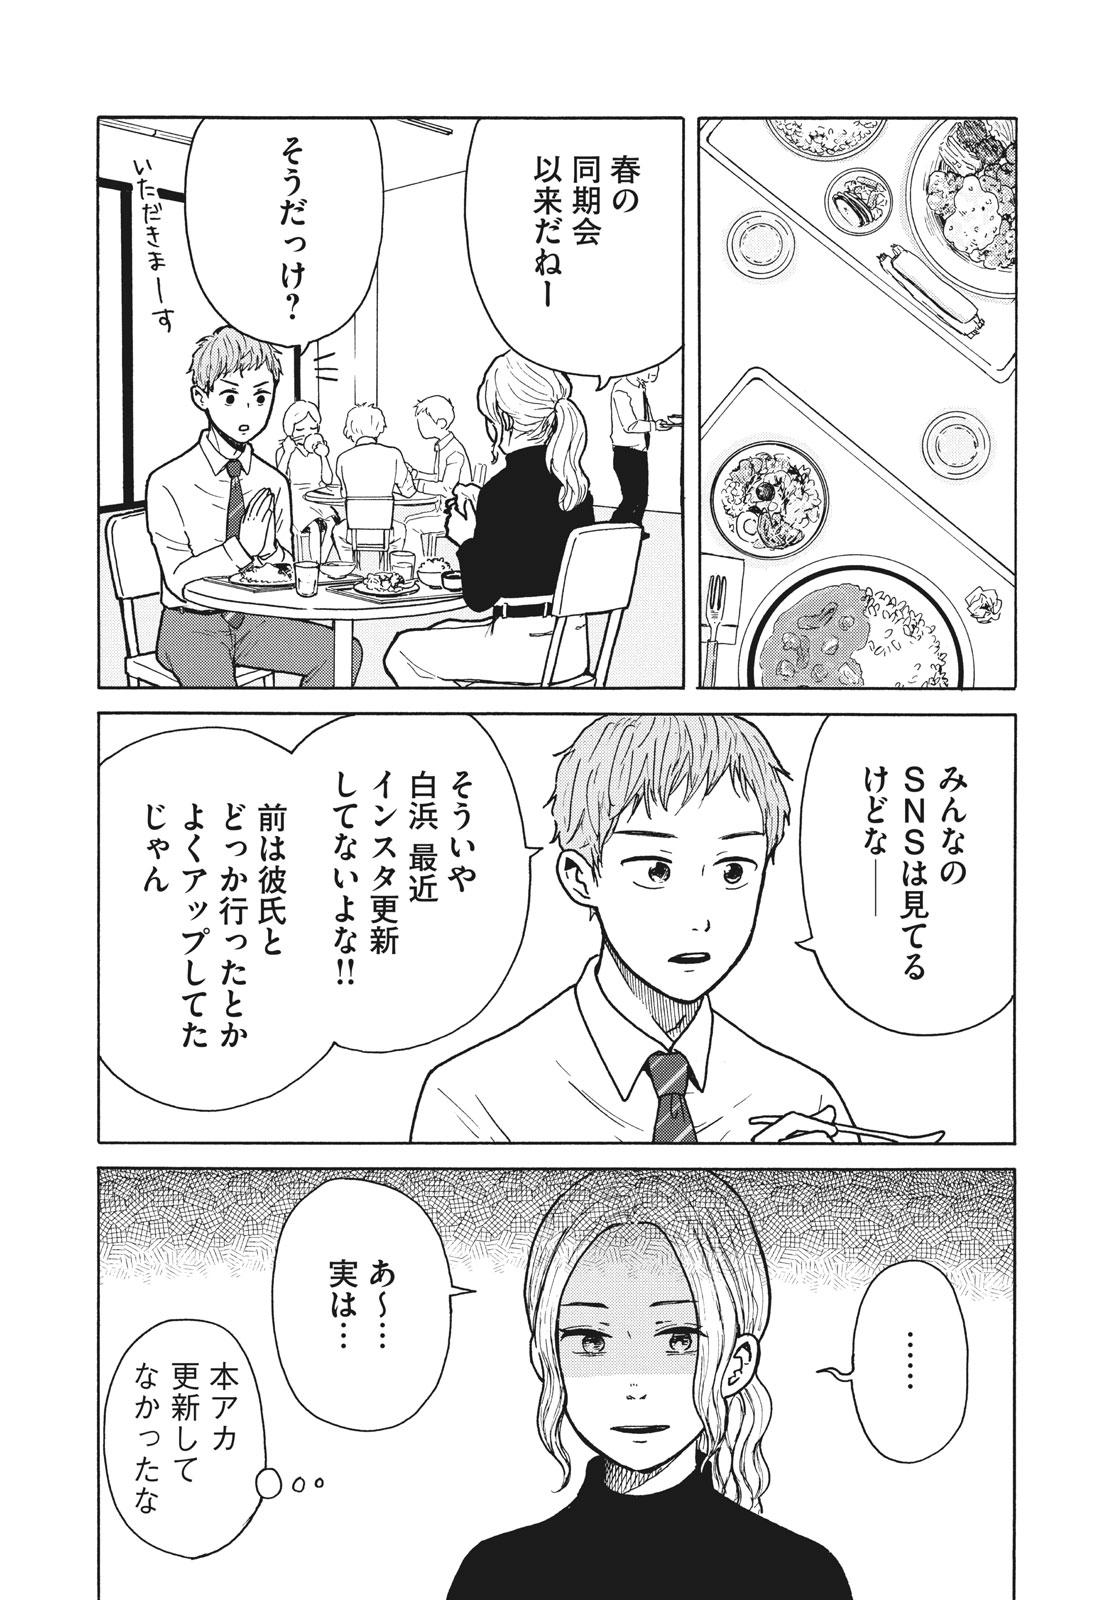 002_30日_2019_006_E.jpg